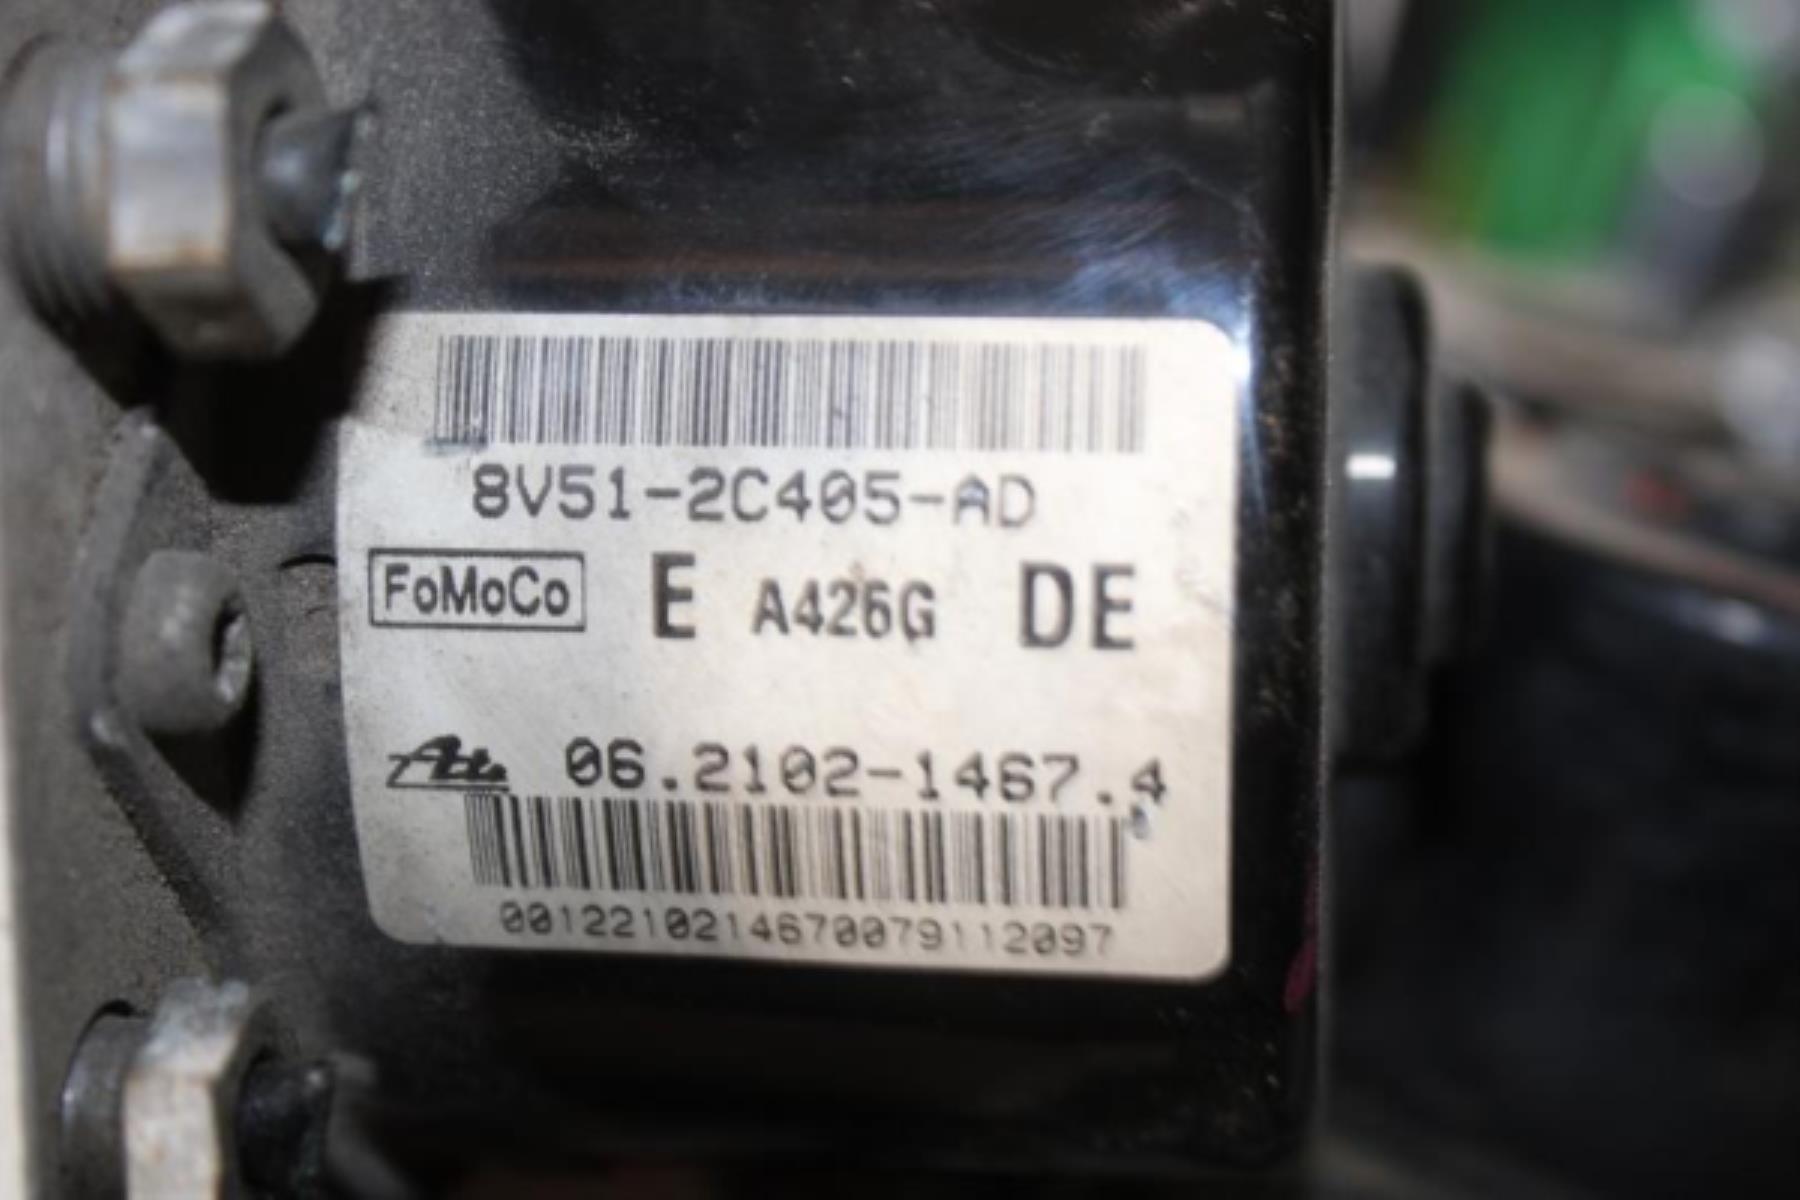 Εικόνα από ABS  FORD FIESTA (2008-2013)  8V51-2C405-AD 06.2102-1467-4   diesel